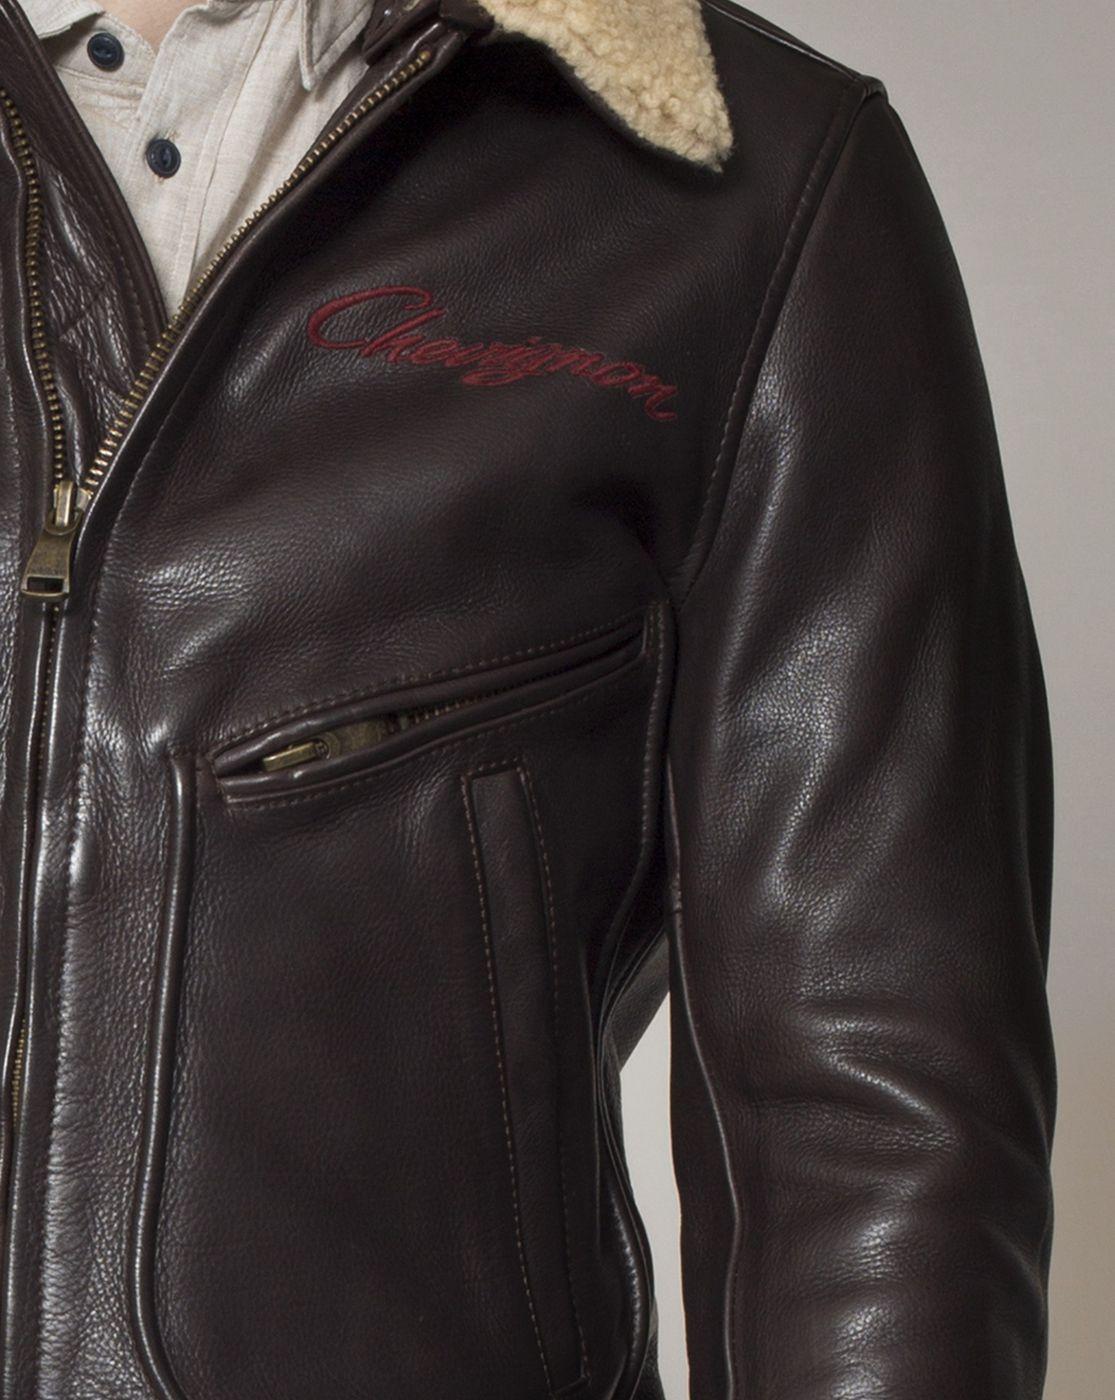 a6ca0e33d0dc Blouson motard cuir homme Chevignon x Helstons marron MAC automne hiver 2014